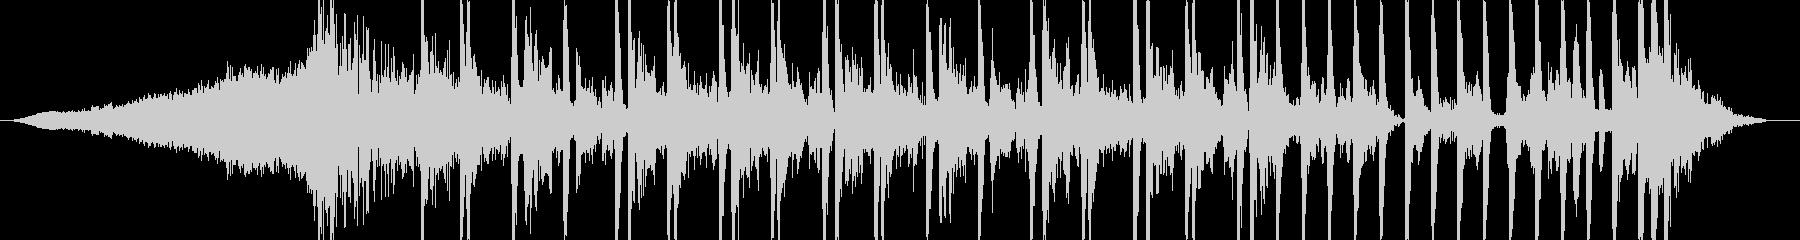 インパクトのあるCMに最適なテクスチャ曲の未再生の波形